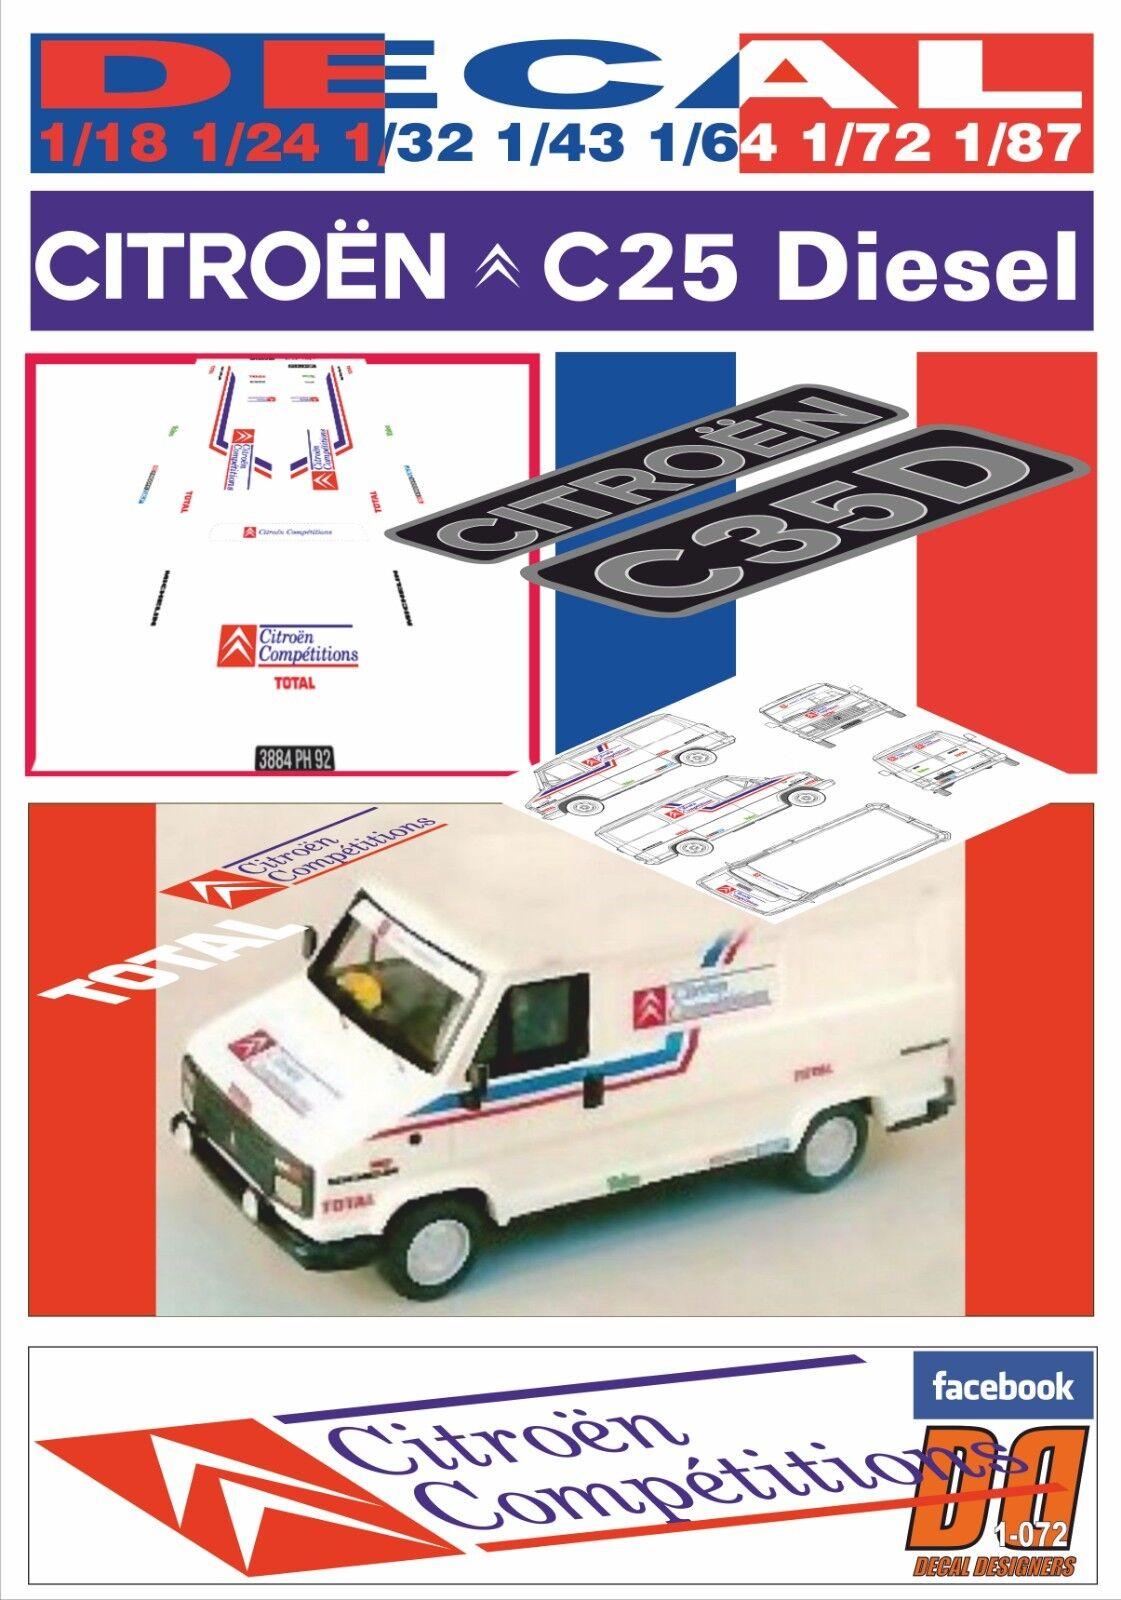 DECAL CITROEN CITROEN CITROEN C25D ASSISTANCE CITROEN COMPETITIONS 1988 (07) fa01c4